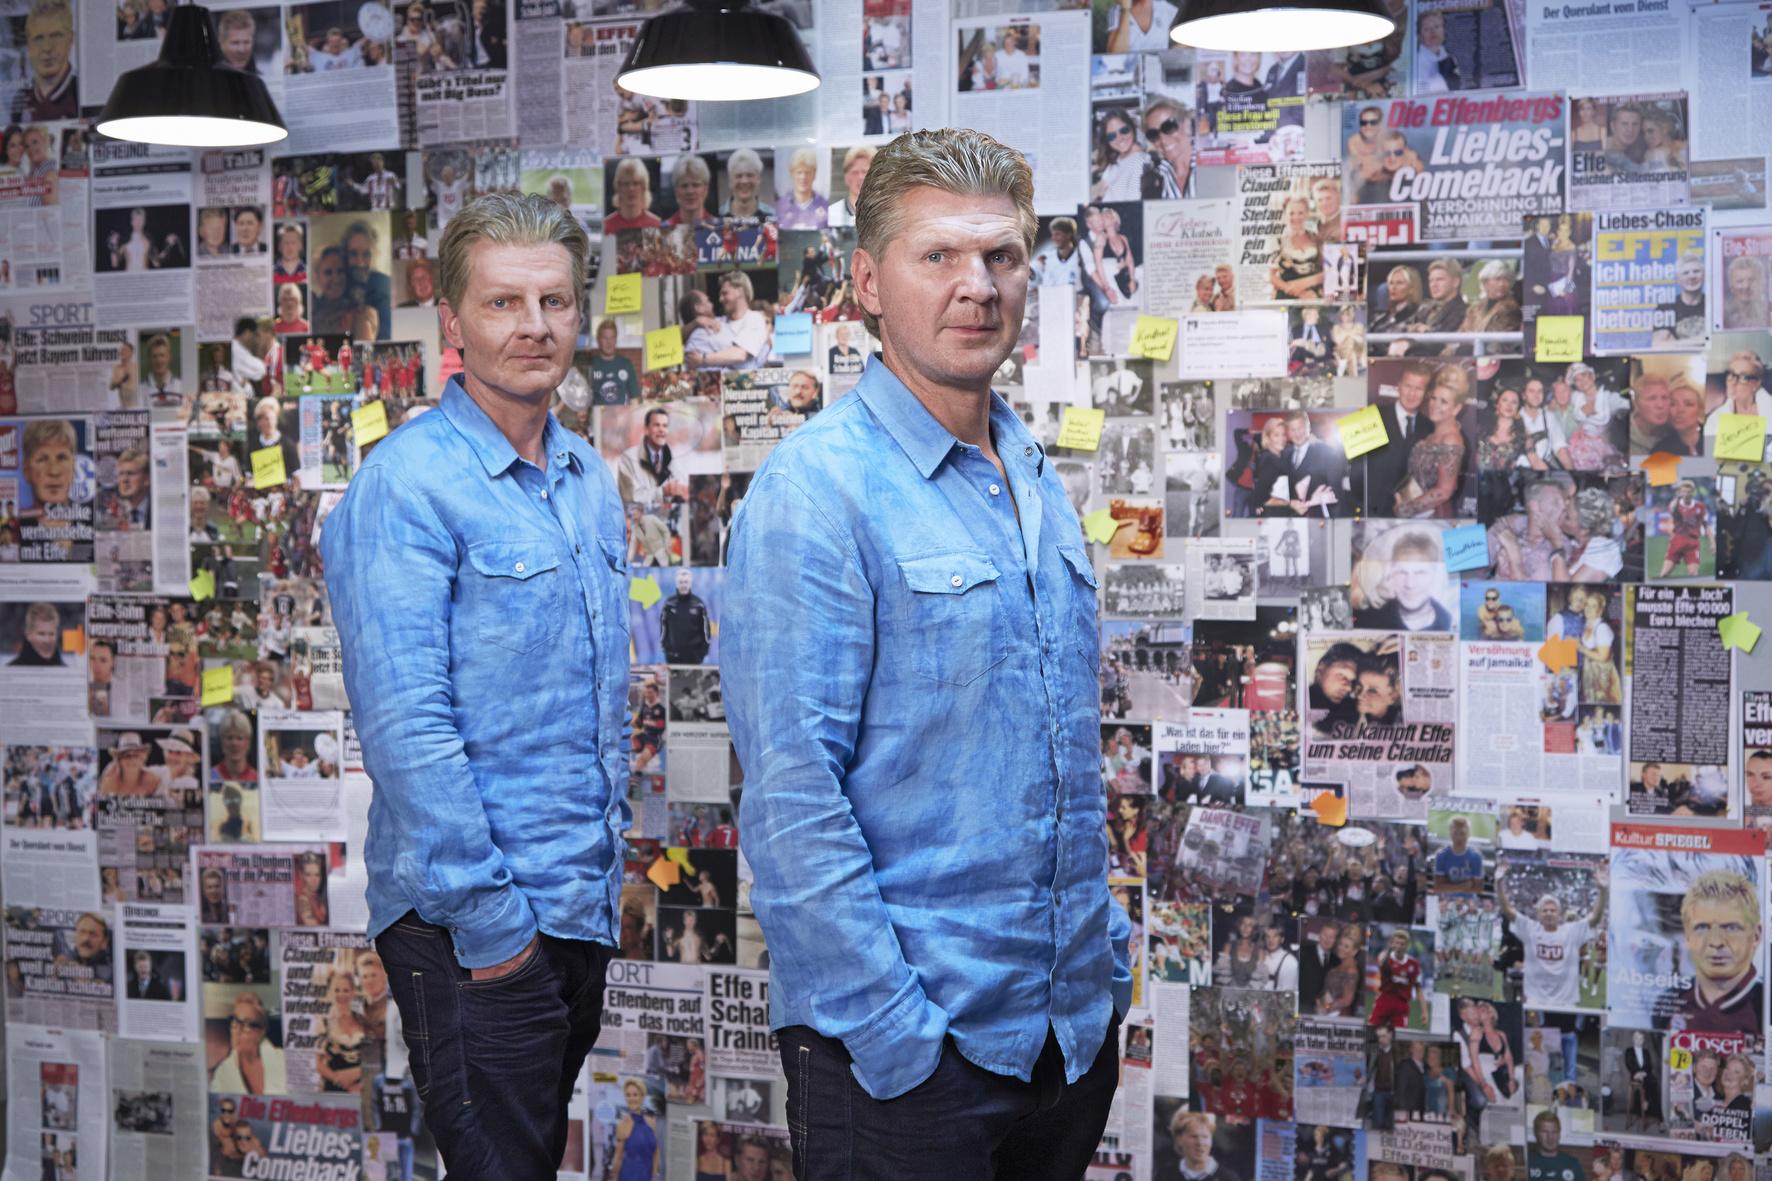 Michael Kessler als Stefan Effenberg und Stefan Effenberg vor der Fotowand.